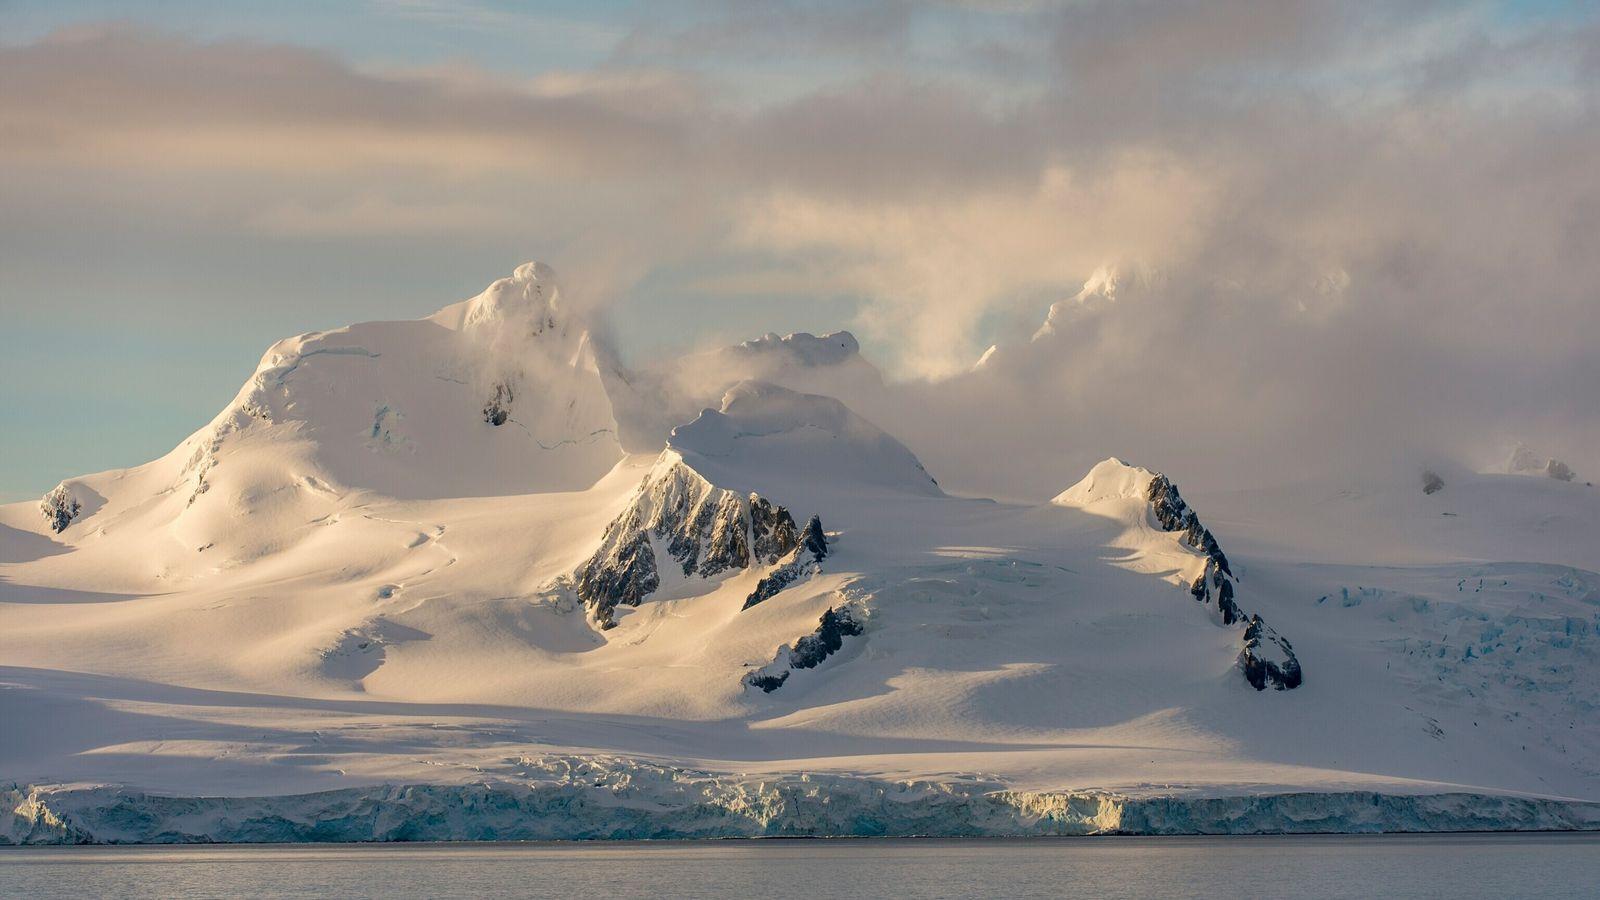 Une nouvelle méthode d'étude de la calotte glaciaire depuis l'espace permet aux scientifiques de déterminer précisément ...